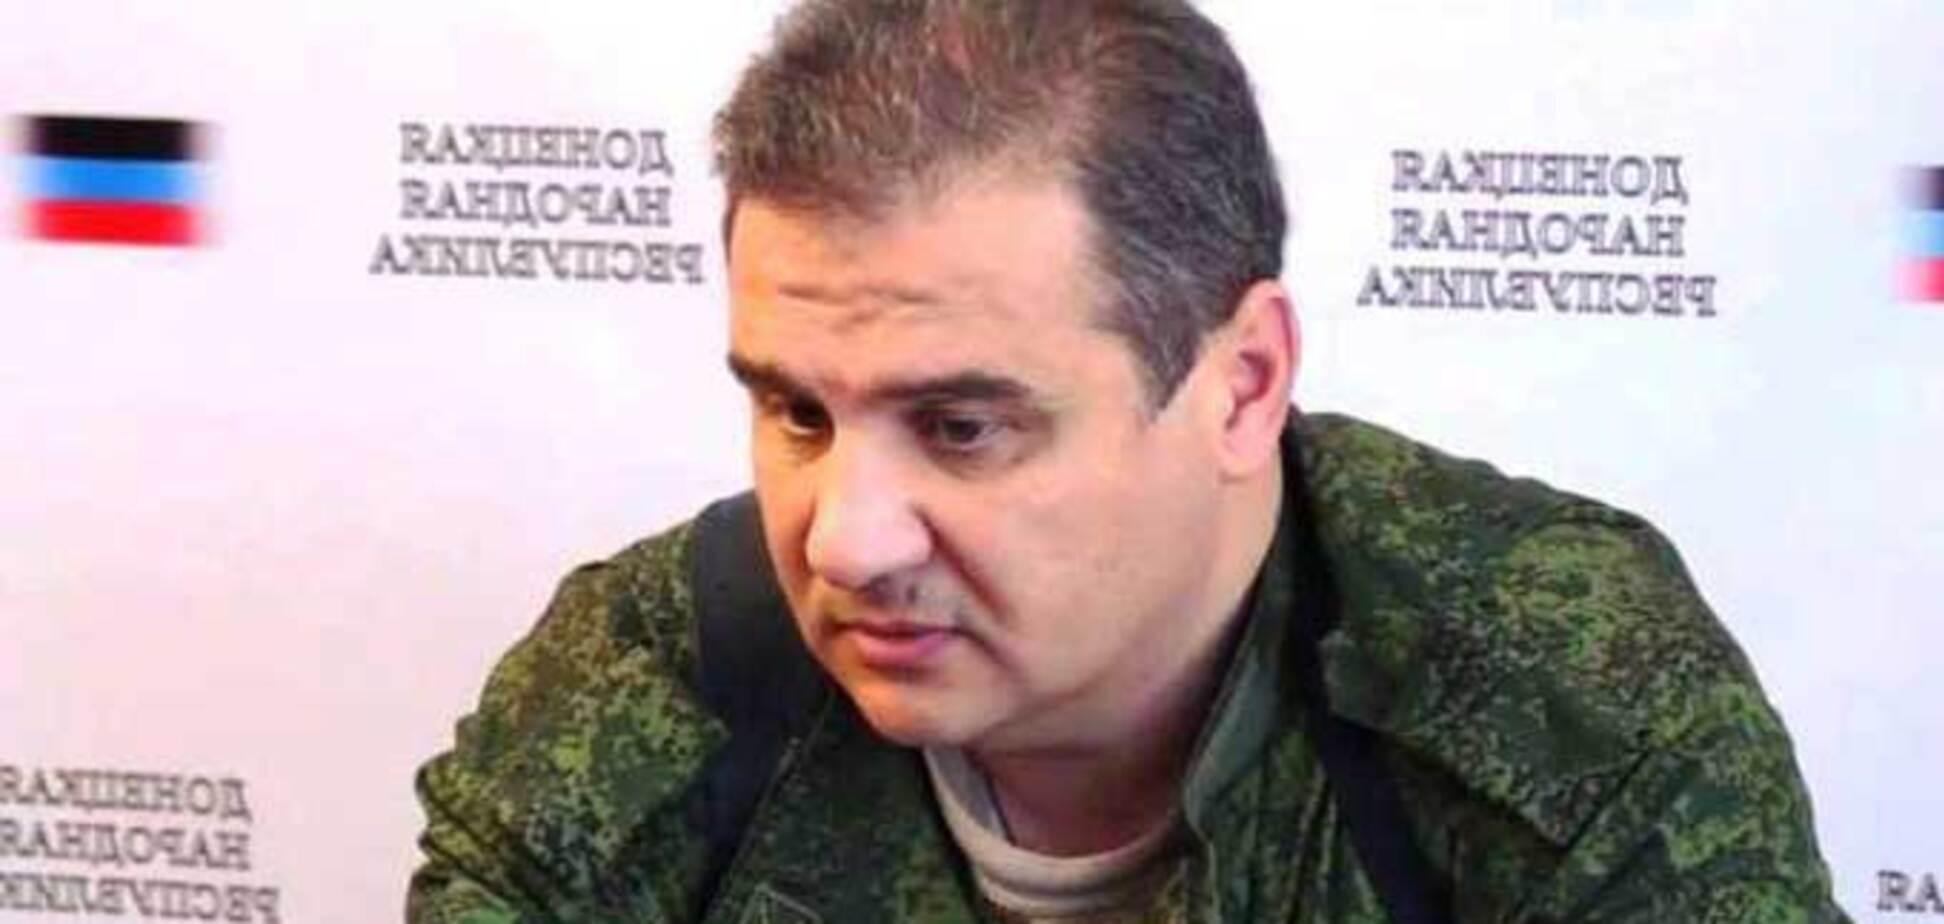 Чем смерть 'Ташкента' грозит 'ДНР'